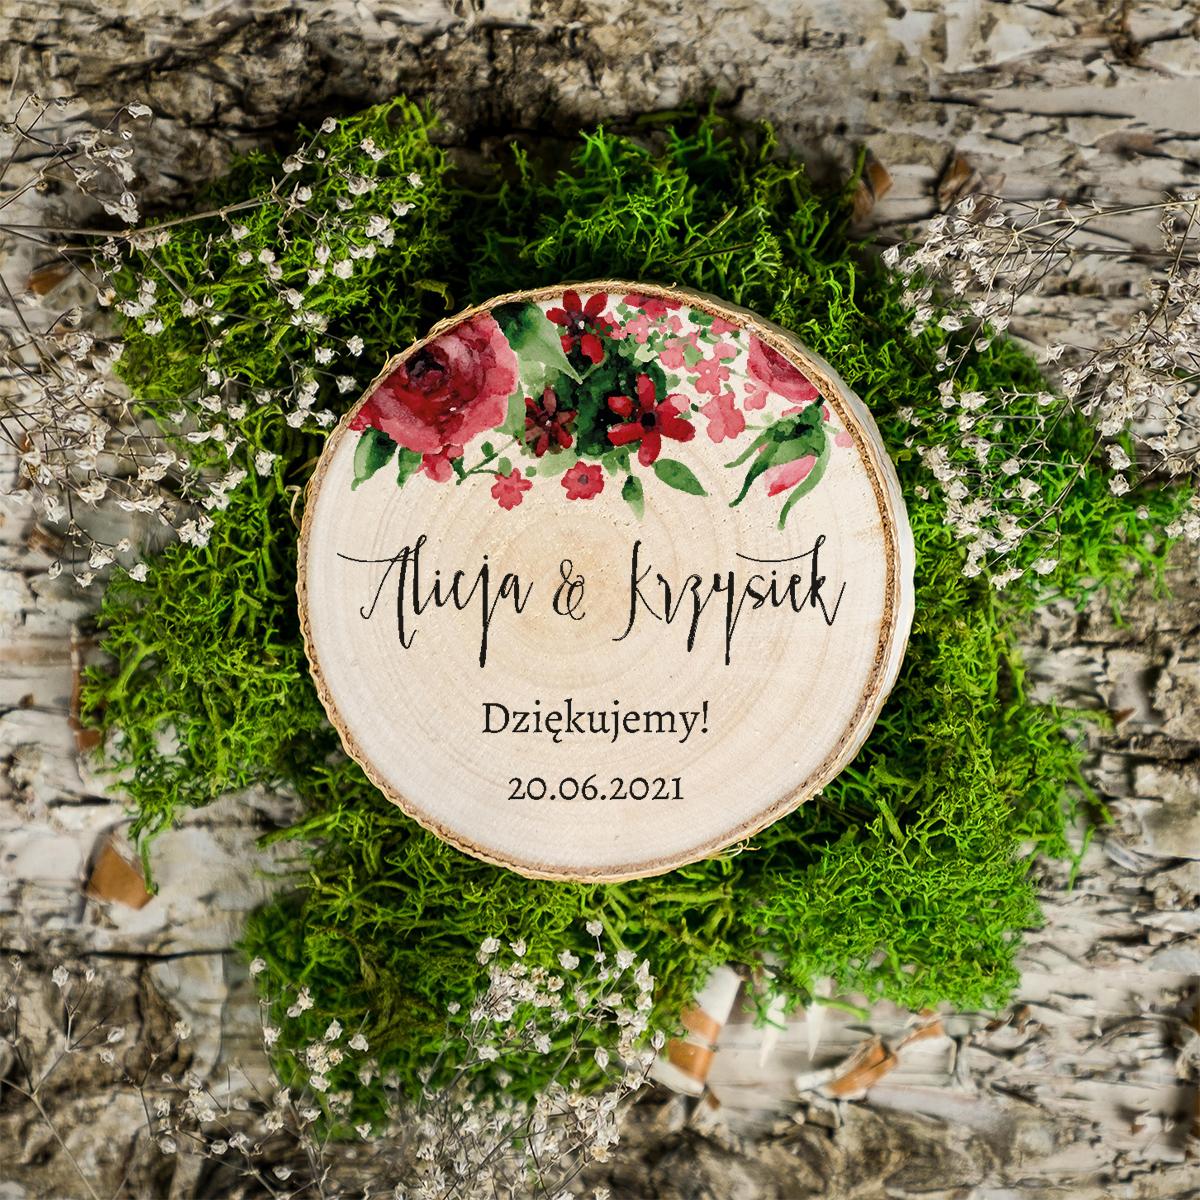 Magnes na plastrze brzozy - BOHO - Burgundowe róże